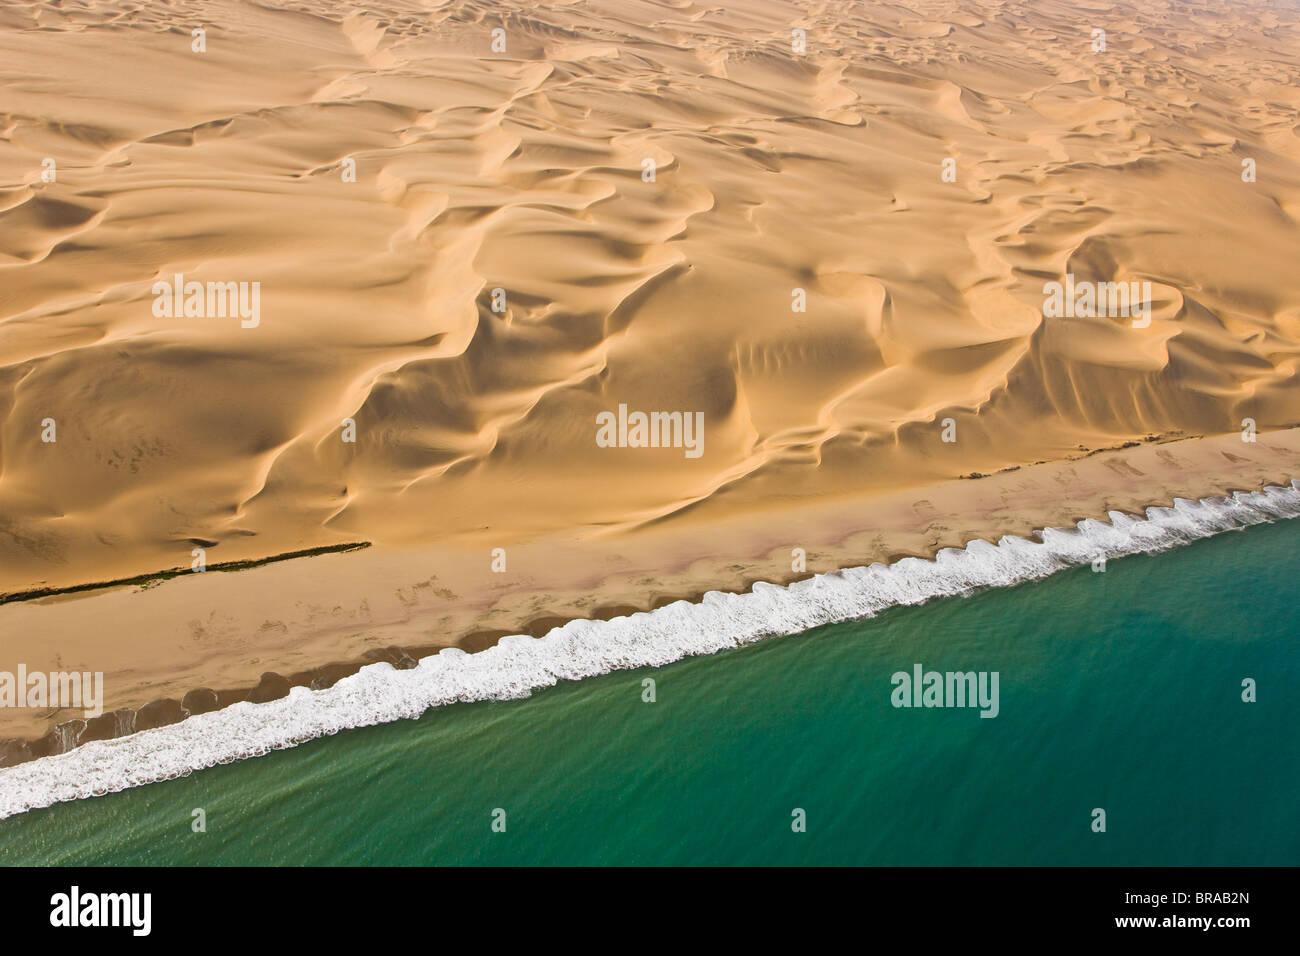 Vista aerea di dune di sabbia e la costa atlantica, nei pressi di Swakopmund, Namib Desert, Namibia, Agosto 2008 Immagini Stock